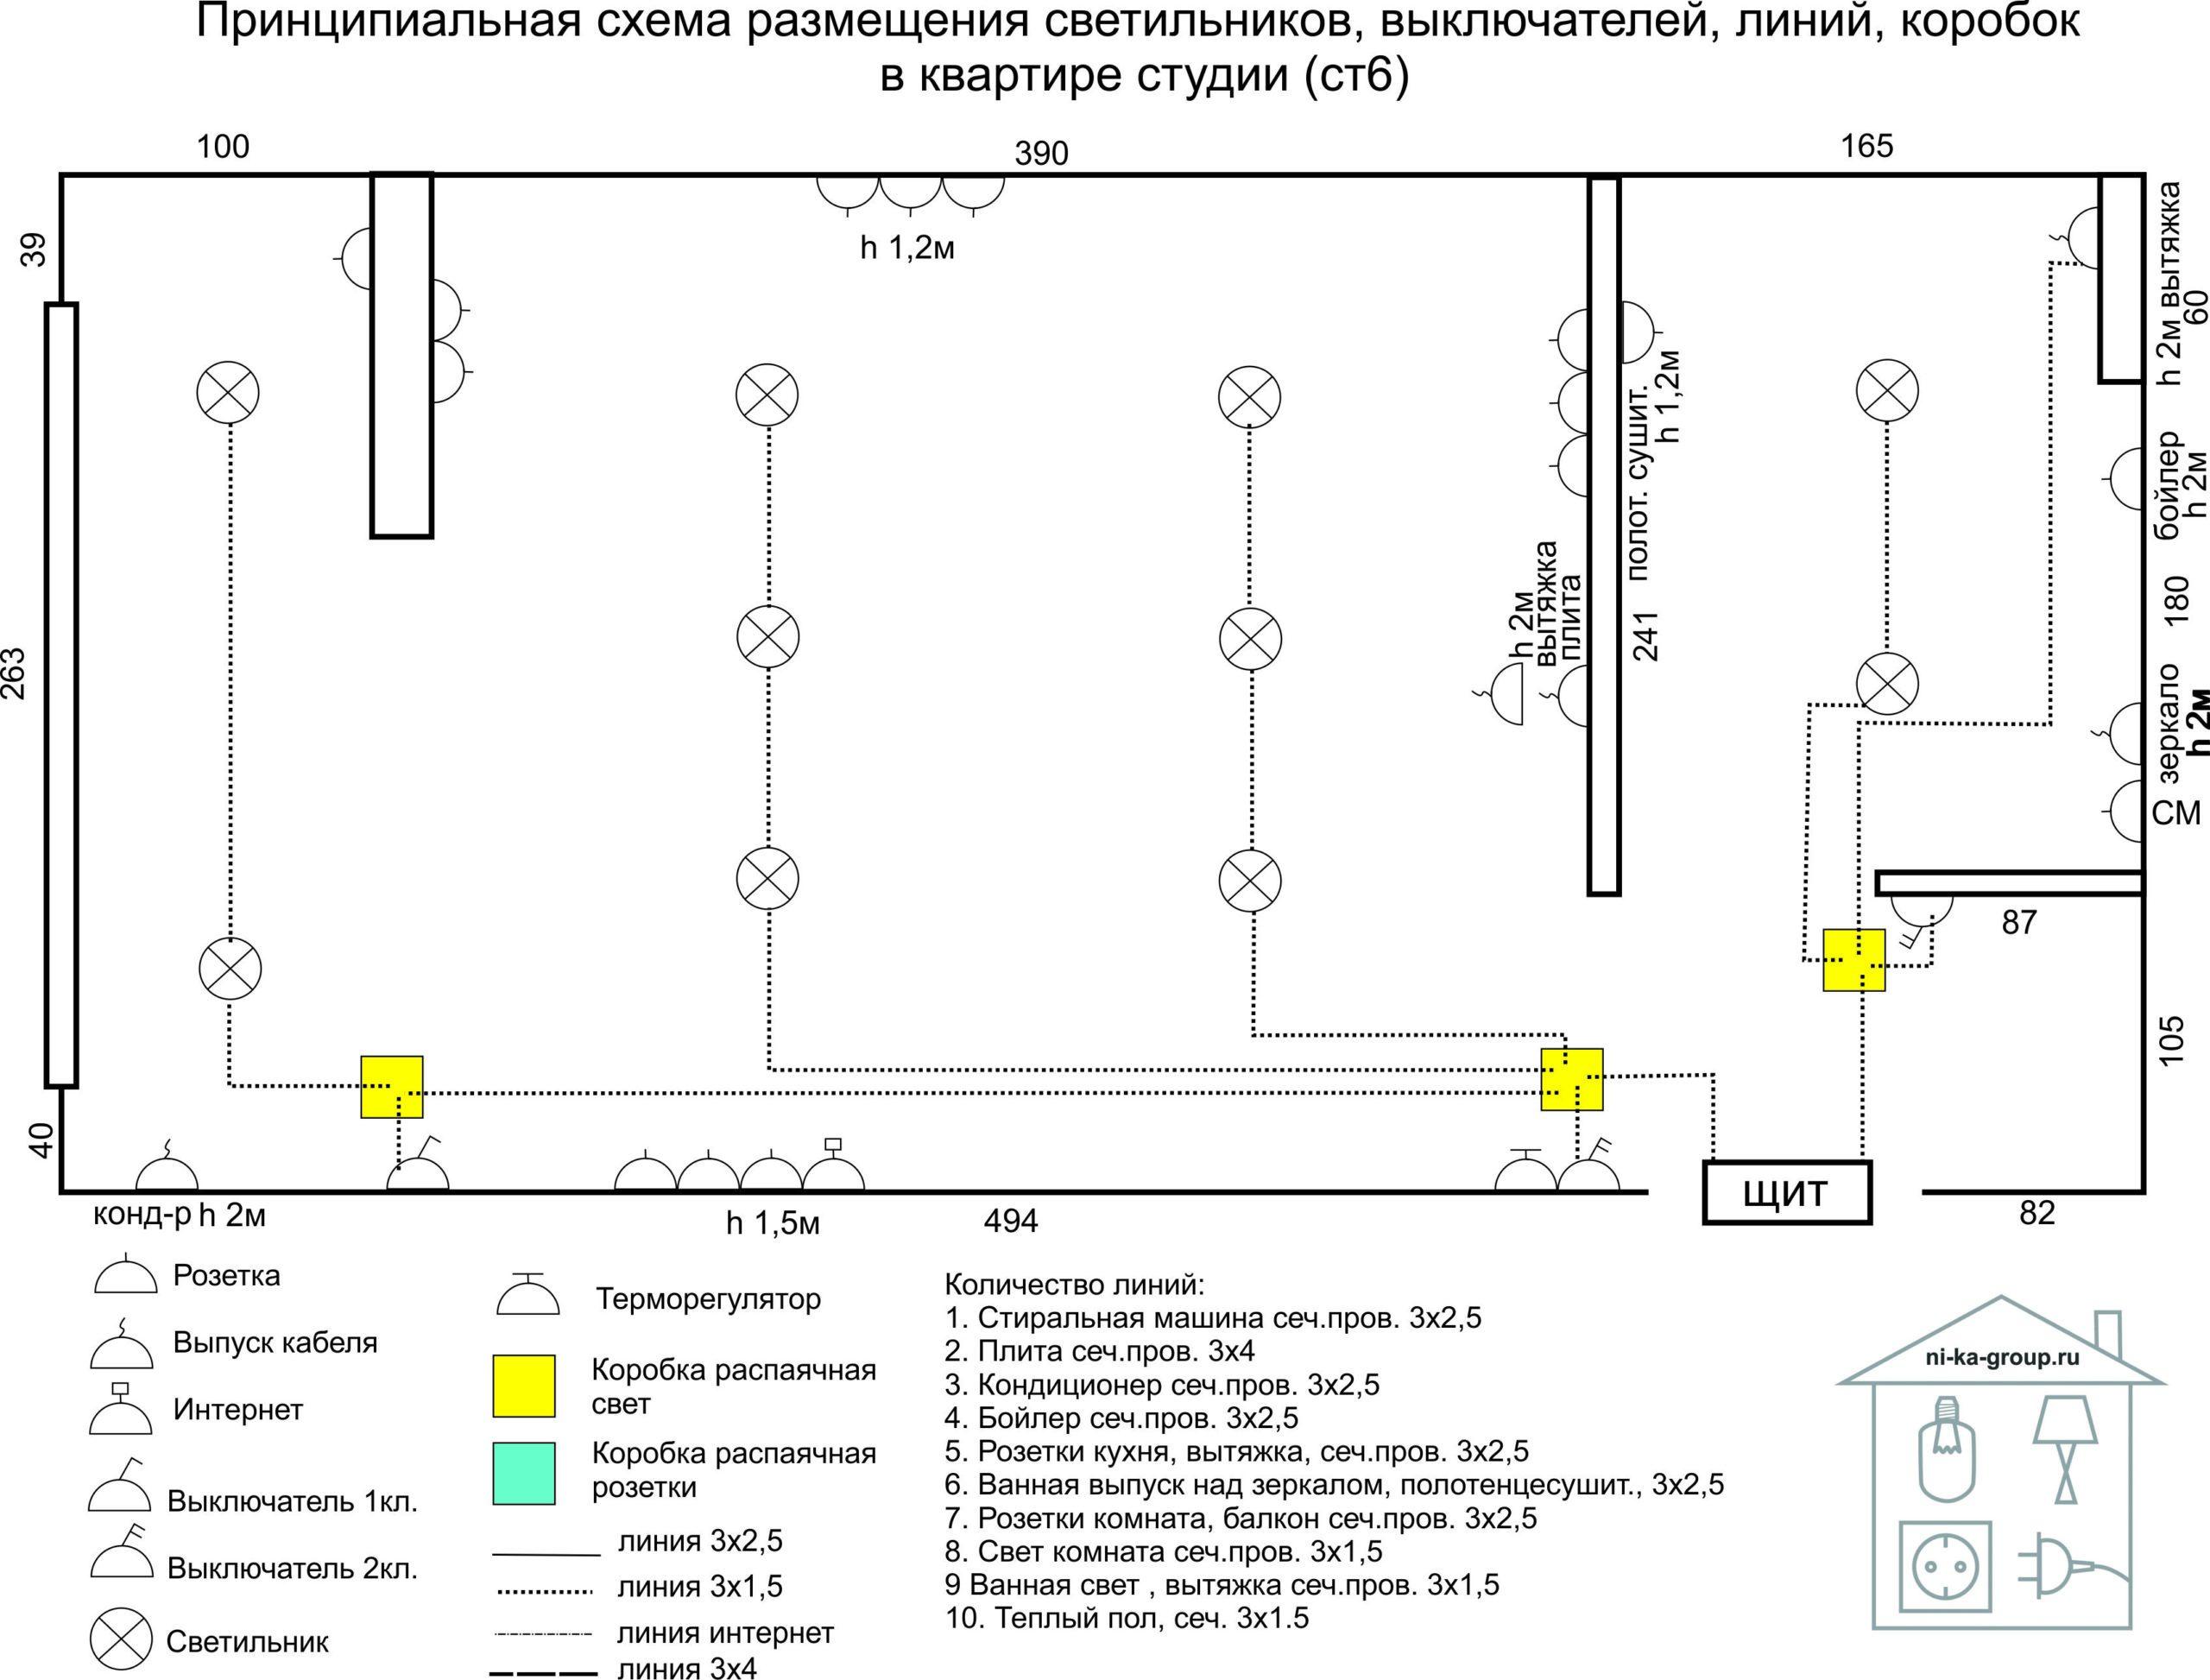 Принципиальная схема электрических линий для подключения светильников и выключателей